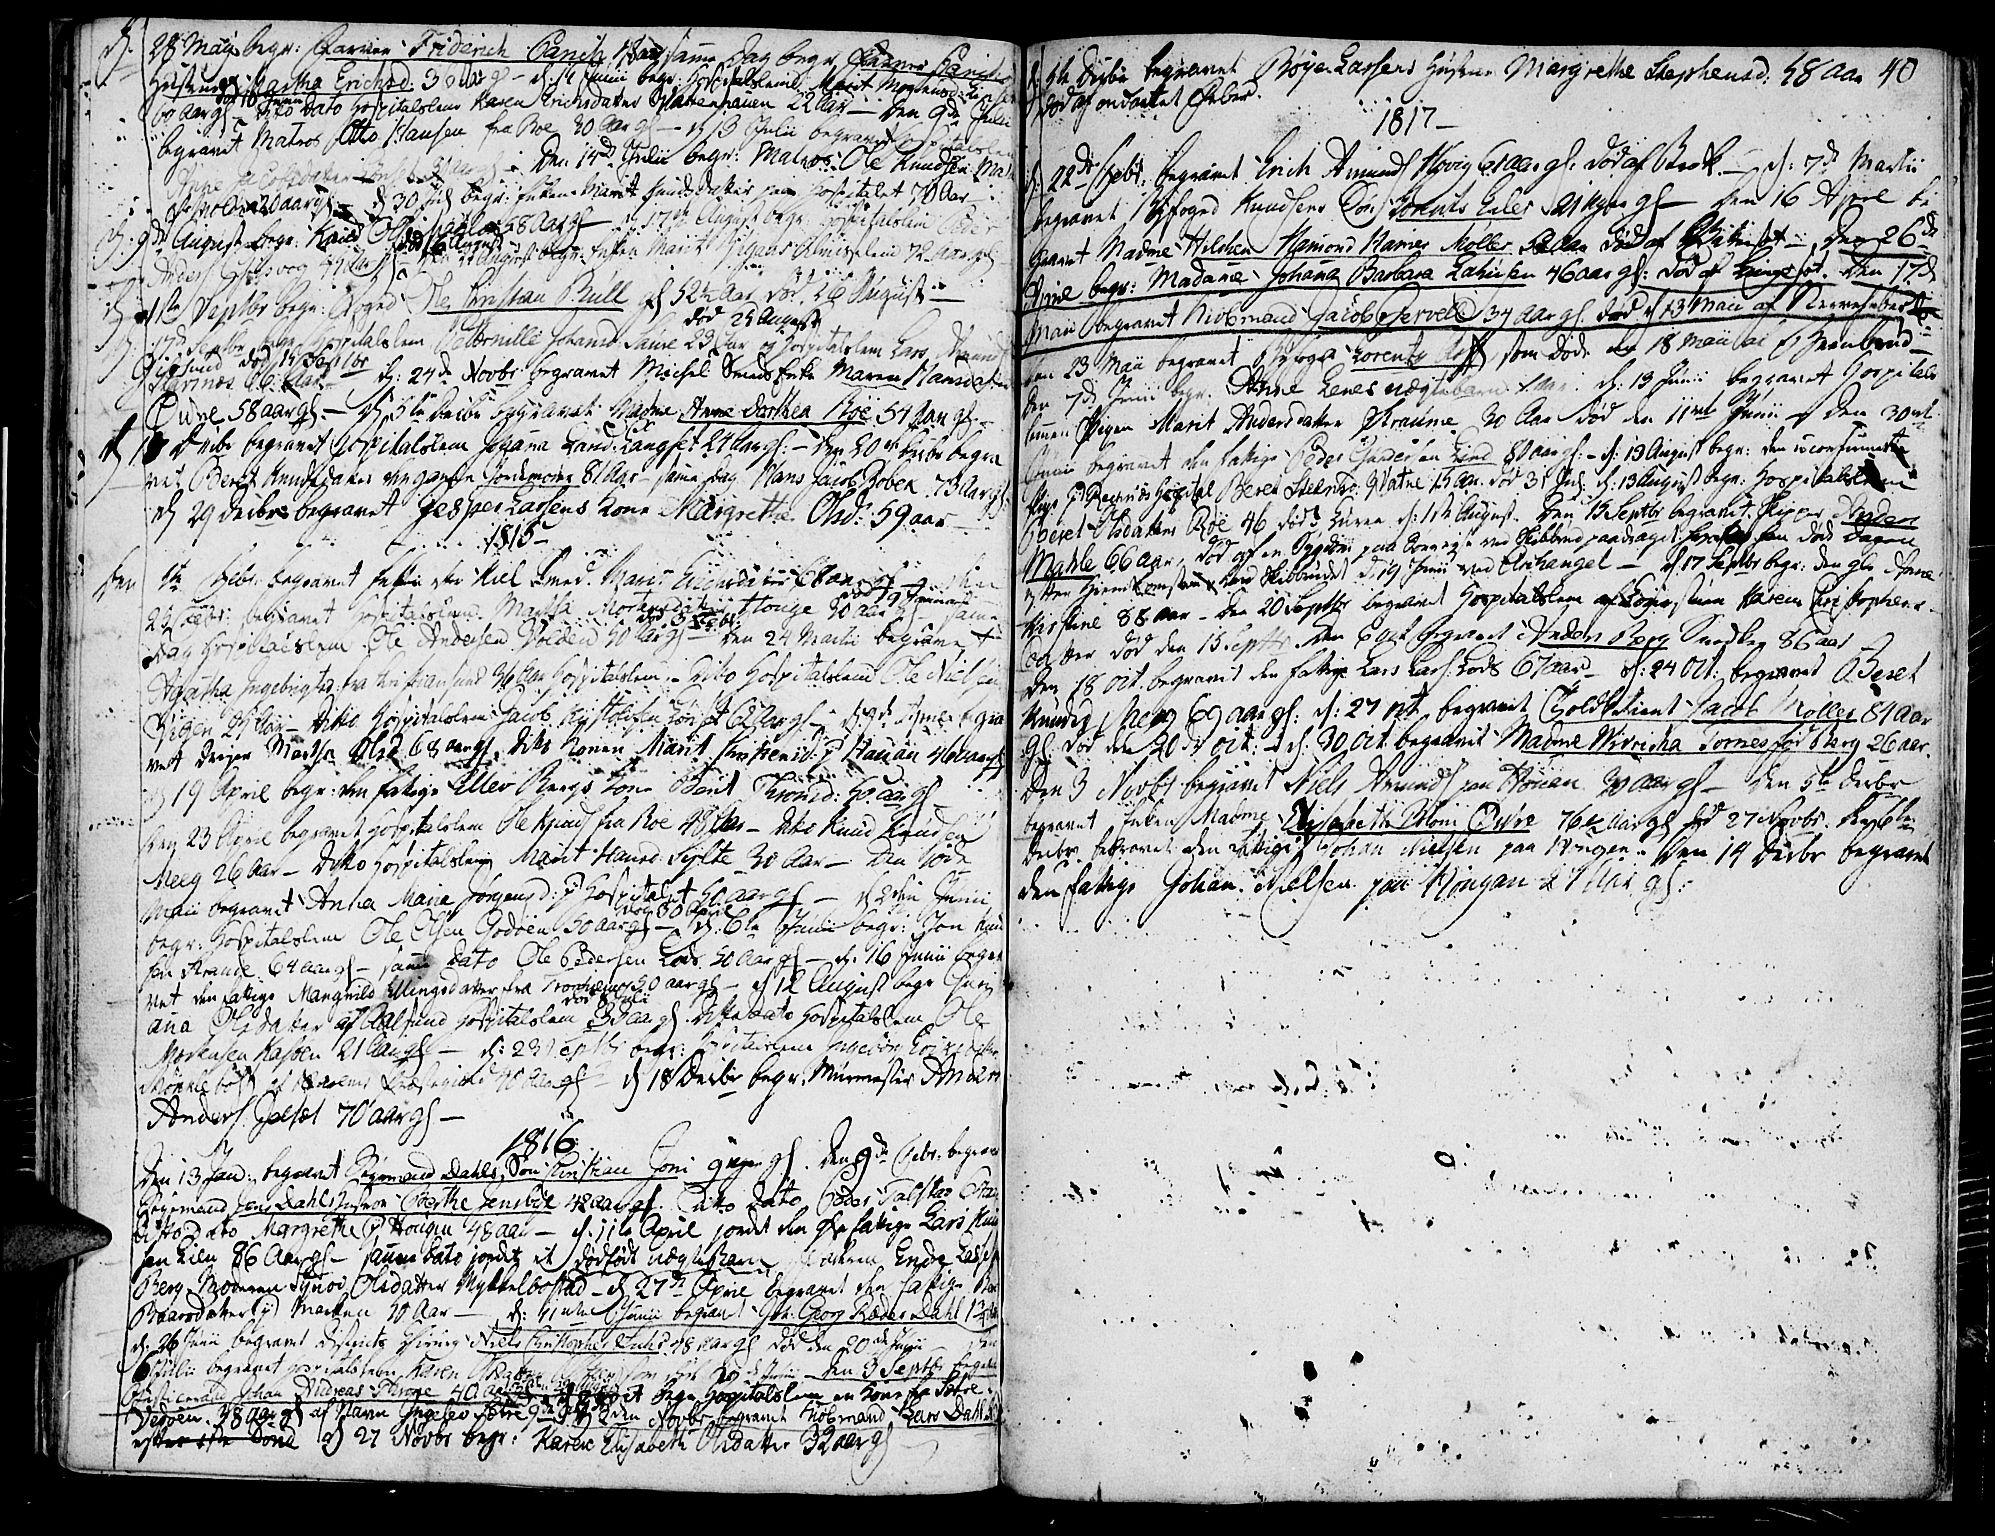 SAT, Ministerialprotokoller, klokkerbøker og fødselsregistre - Møre og Romsdal, 558/L0687: Ministerialbok nr. 558A01, 1798-1818, s. 40